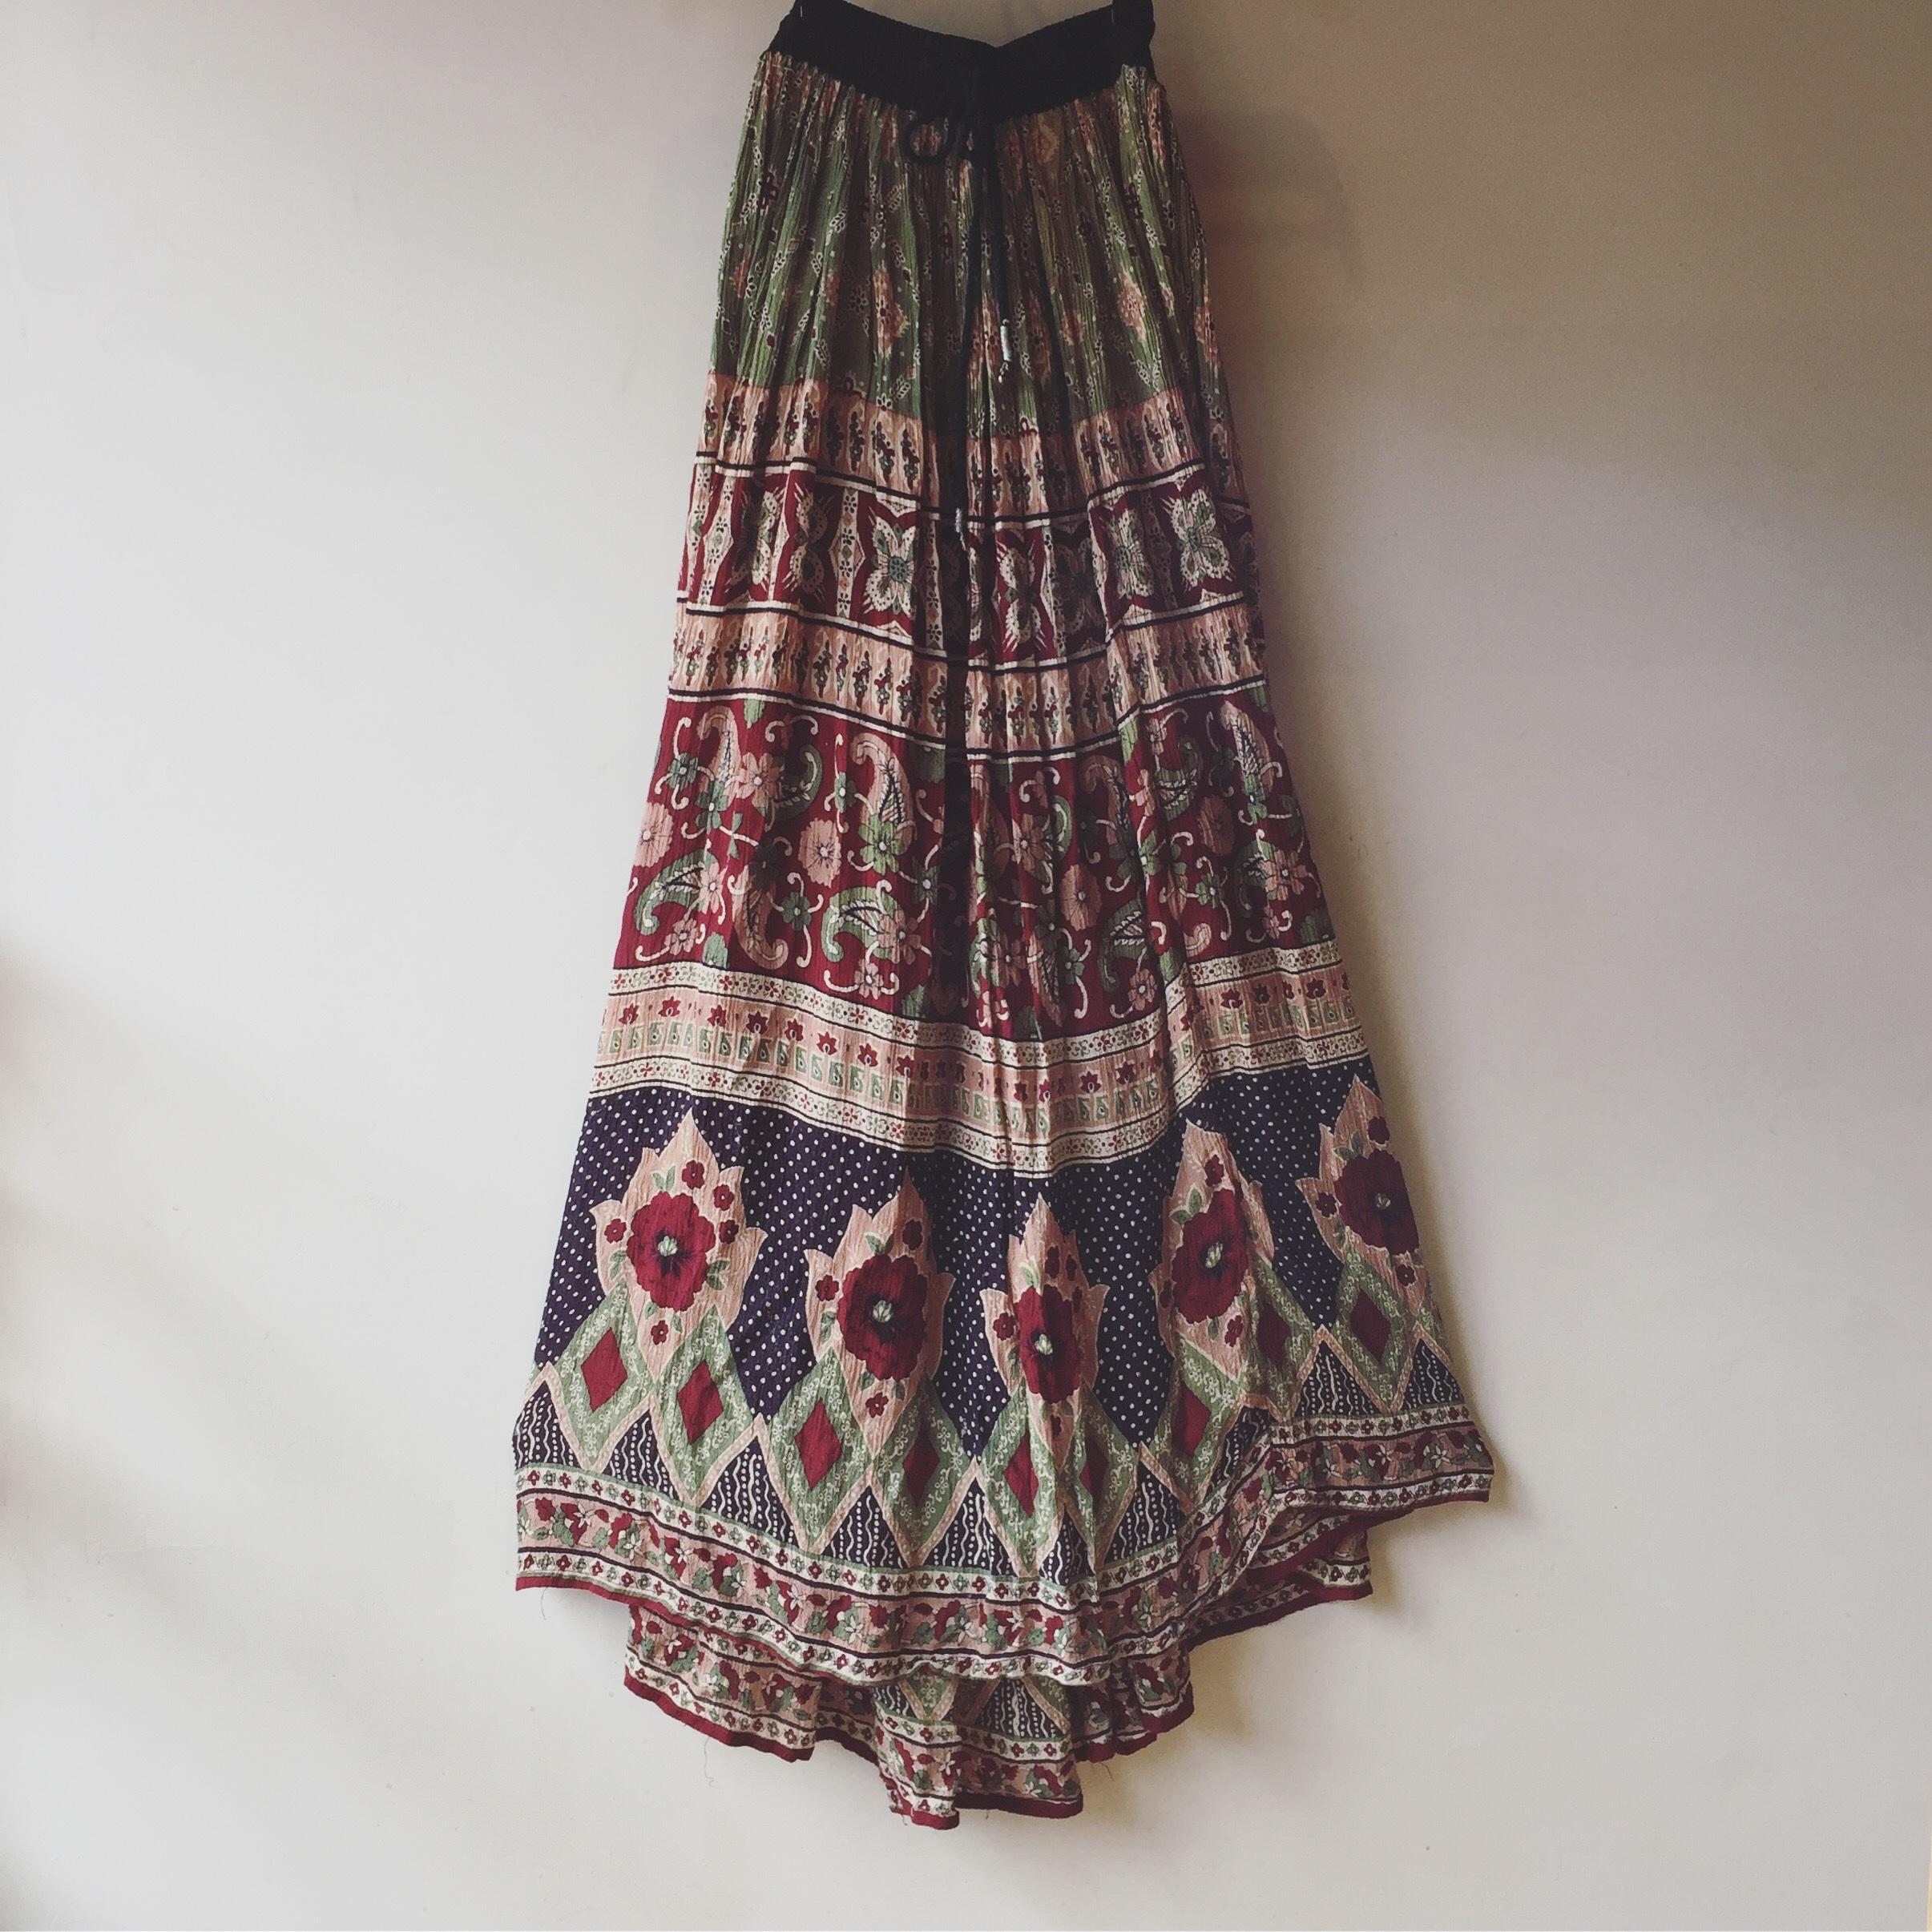 vintage Indian rayon skirt